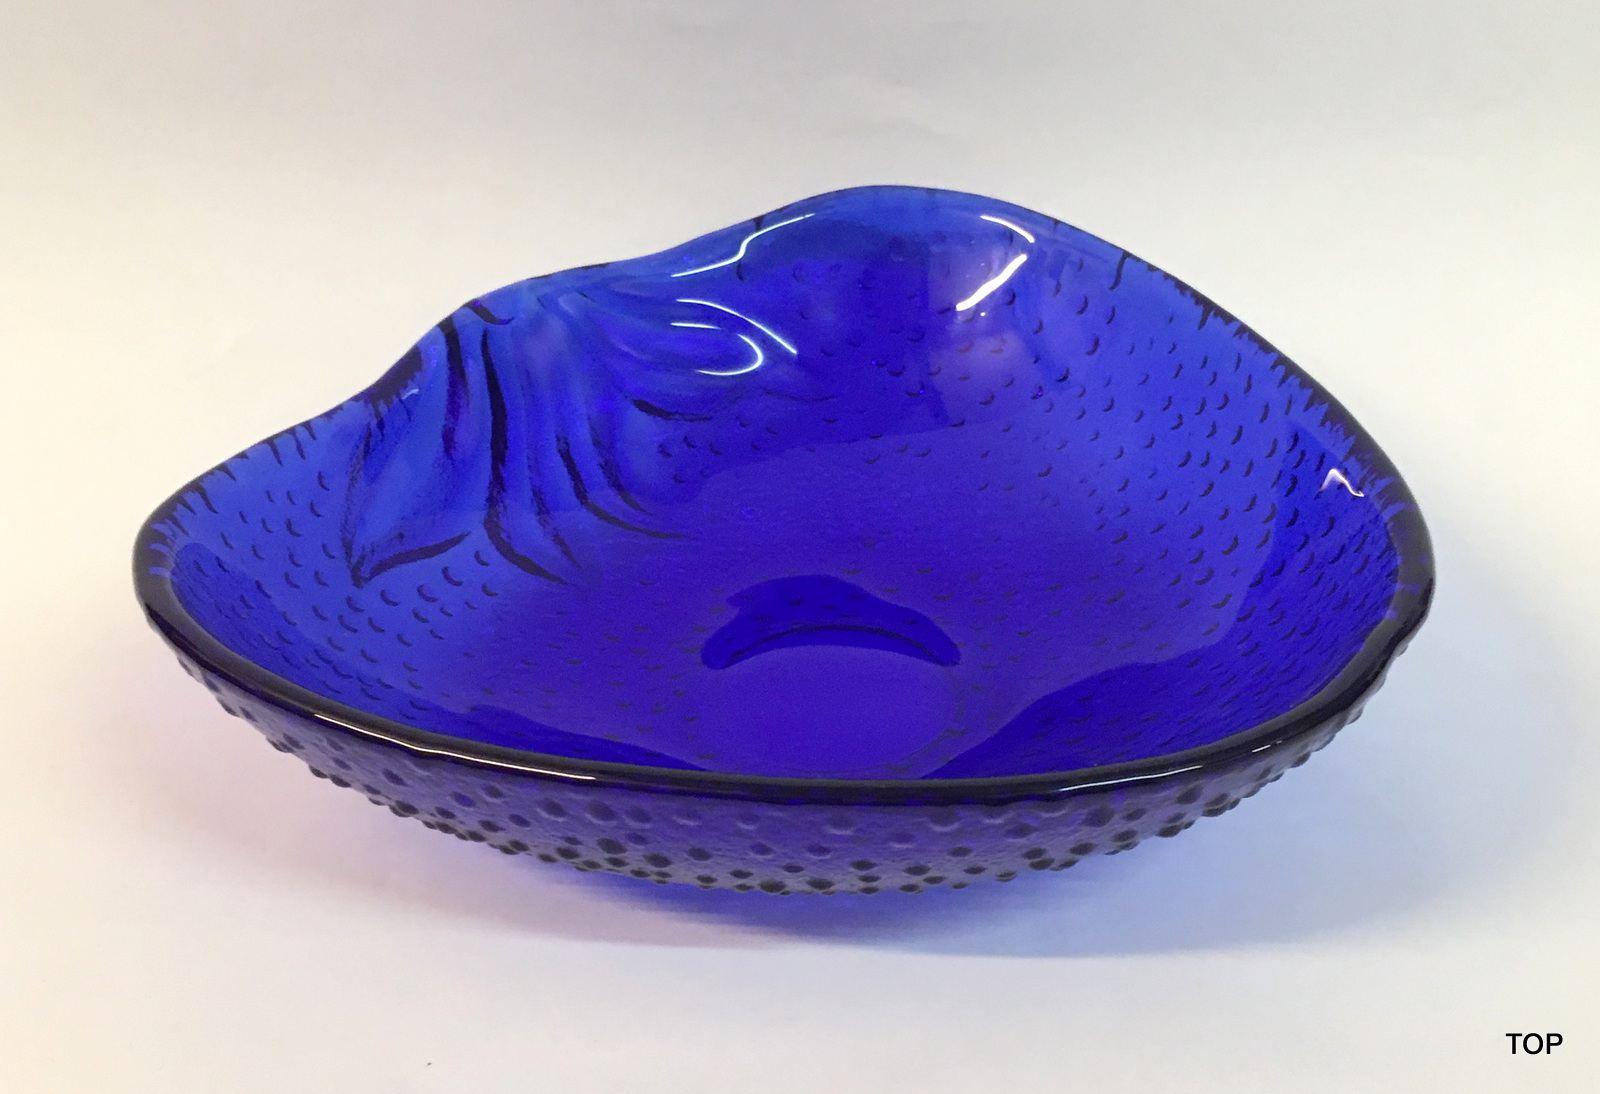 schale glasschale apfelform mit struktur leicht wei geflammt farbe blau lafeo. Black Bedroom Furniture Sets. Home Design Ideas